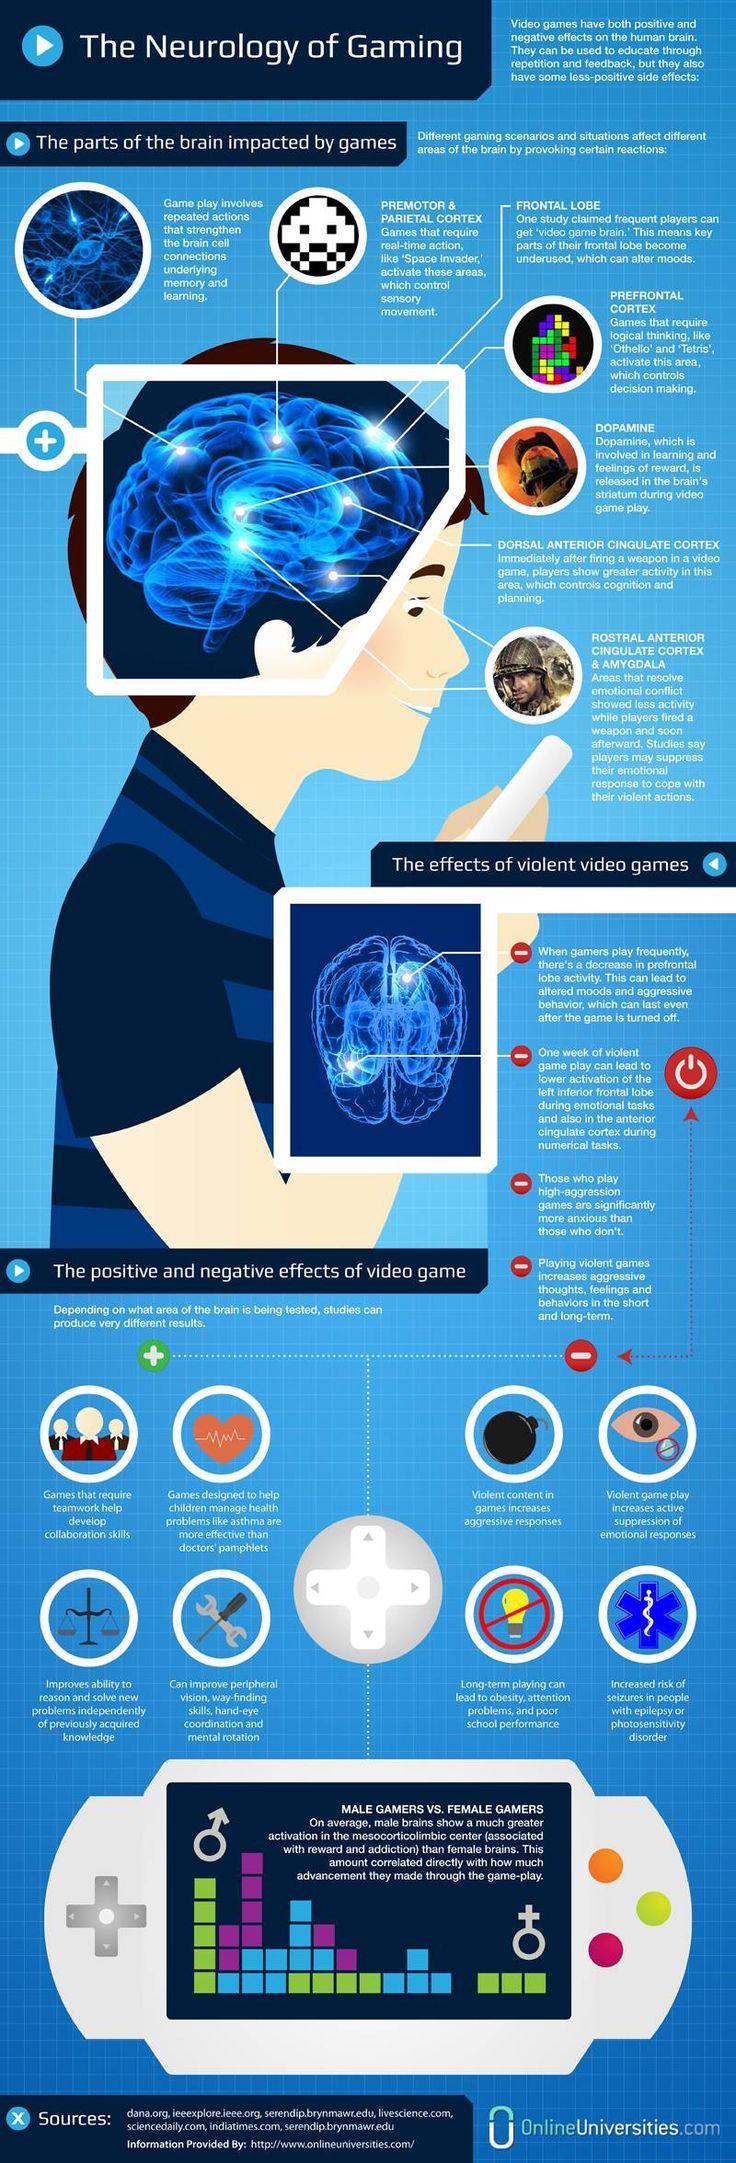 El efecto de los videojuegos desde el punto de vista neurológico